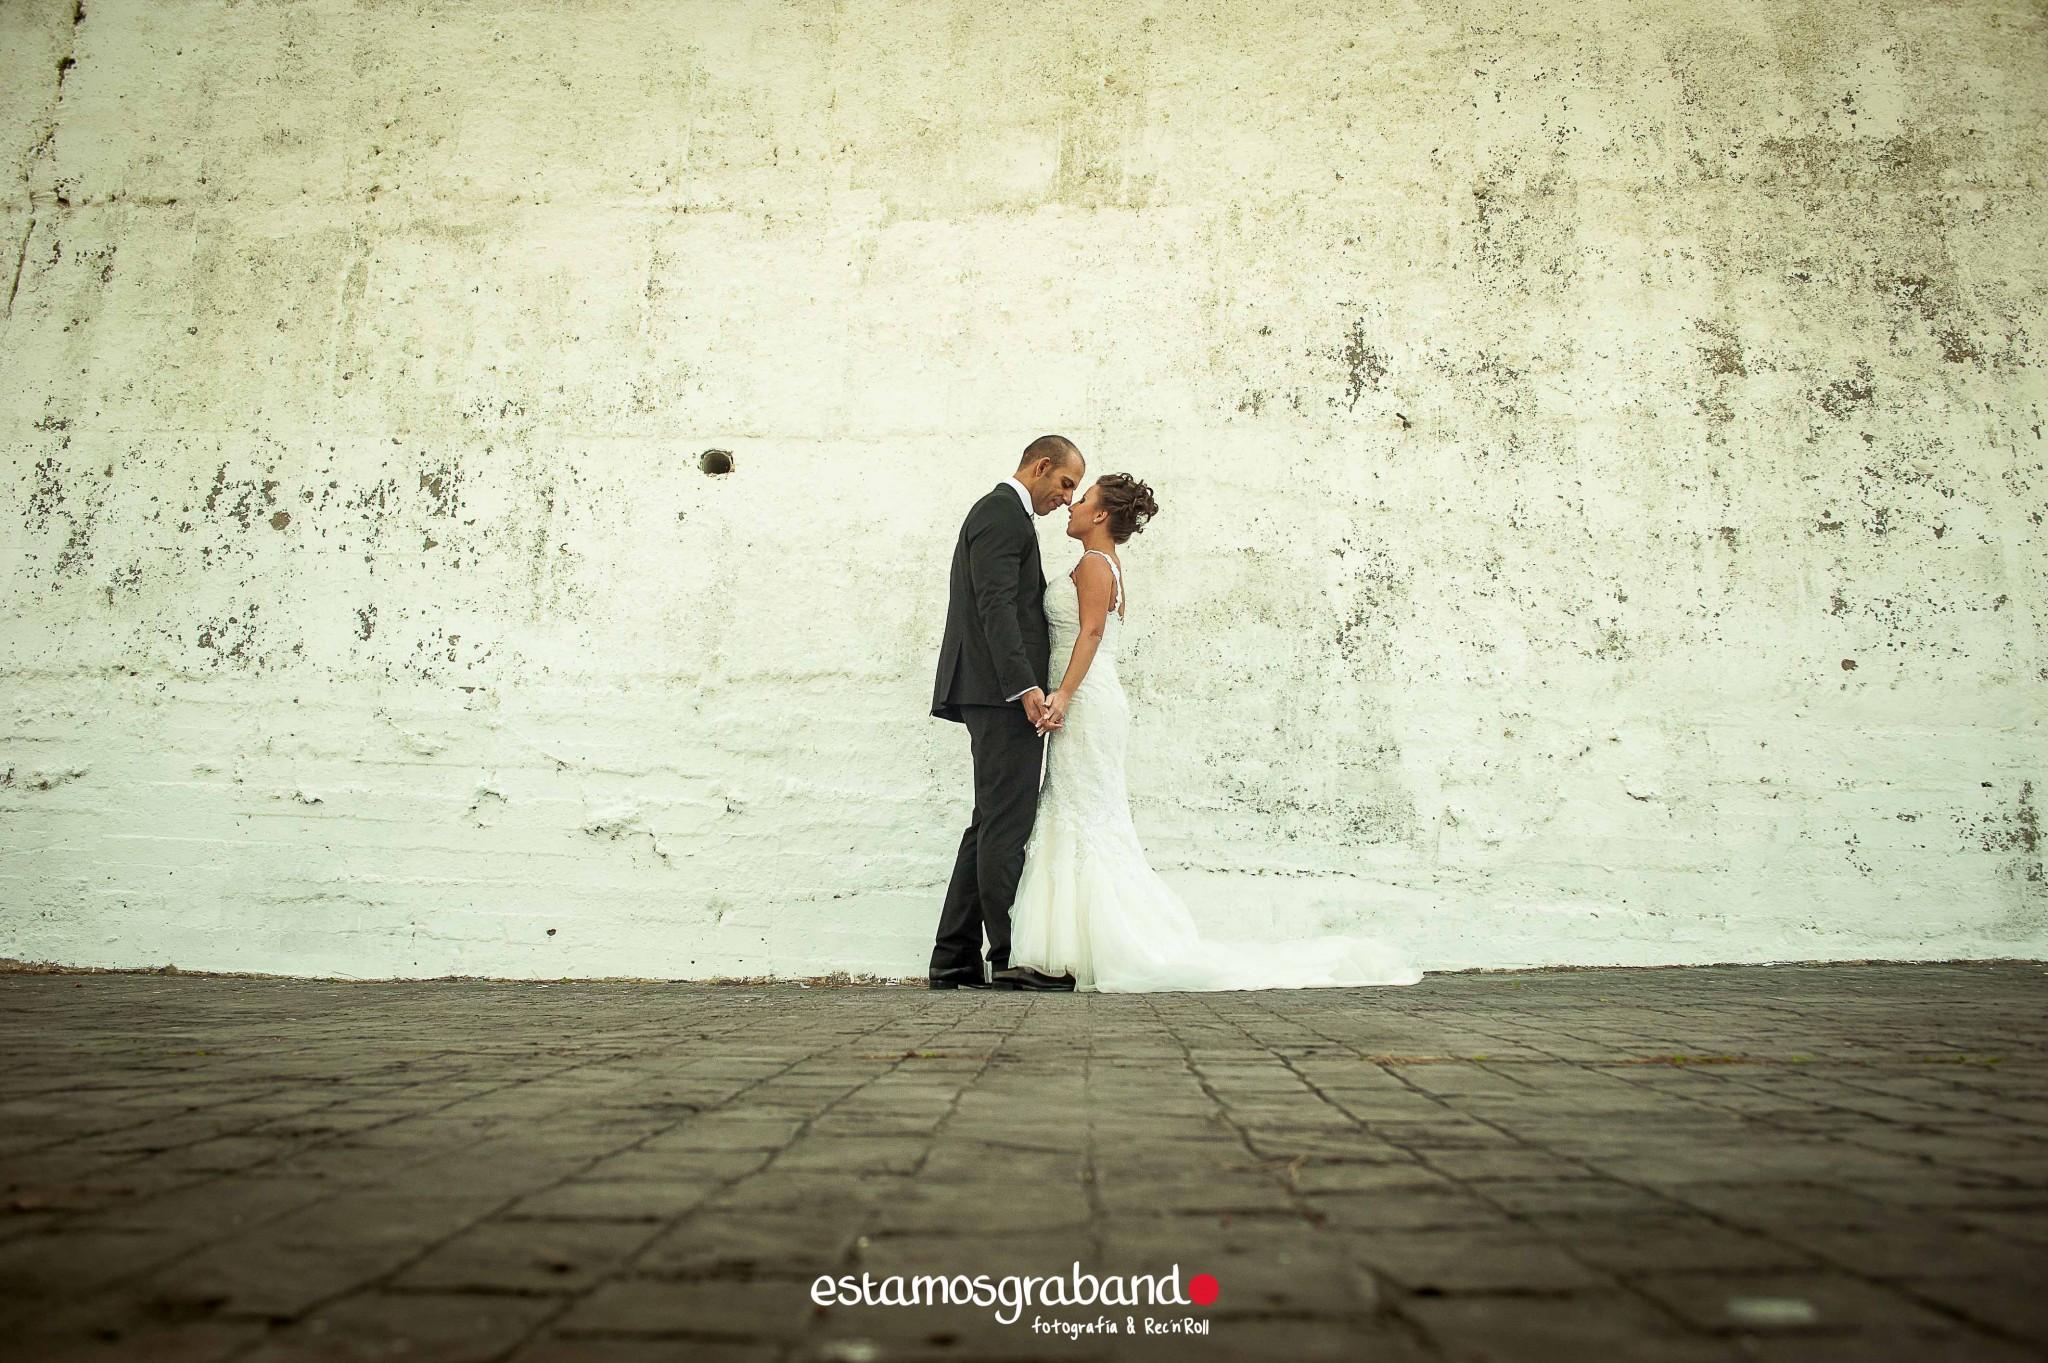 raquel-y-ale_postboda-vejer-9-de-25 Raquel & Ale [Fotografía Postboda en Vejer de la Frontera] - video boda cadiz